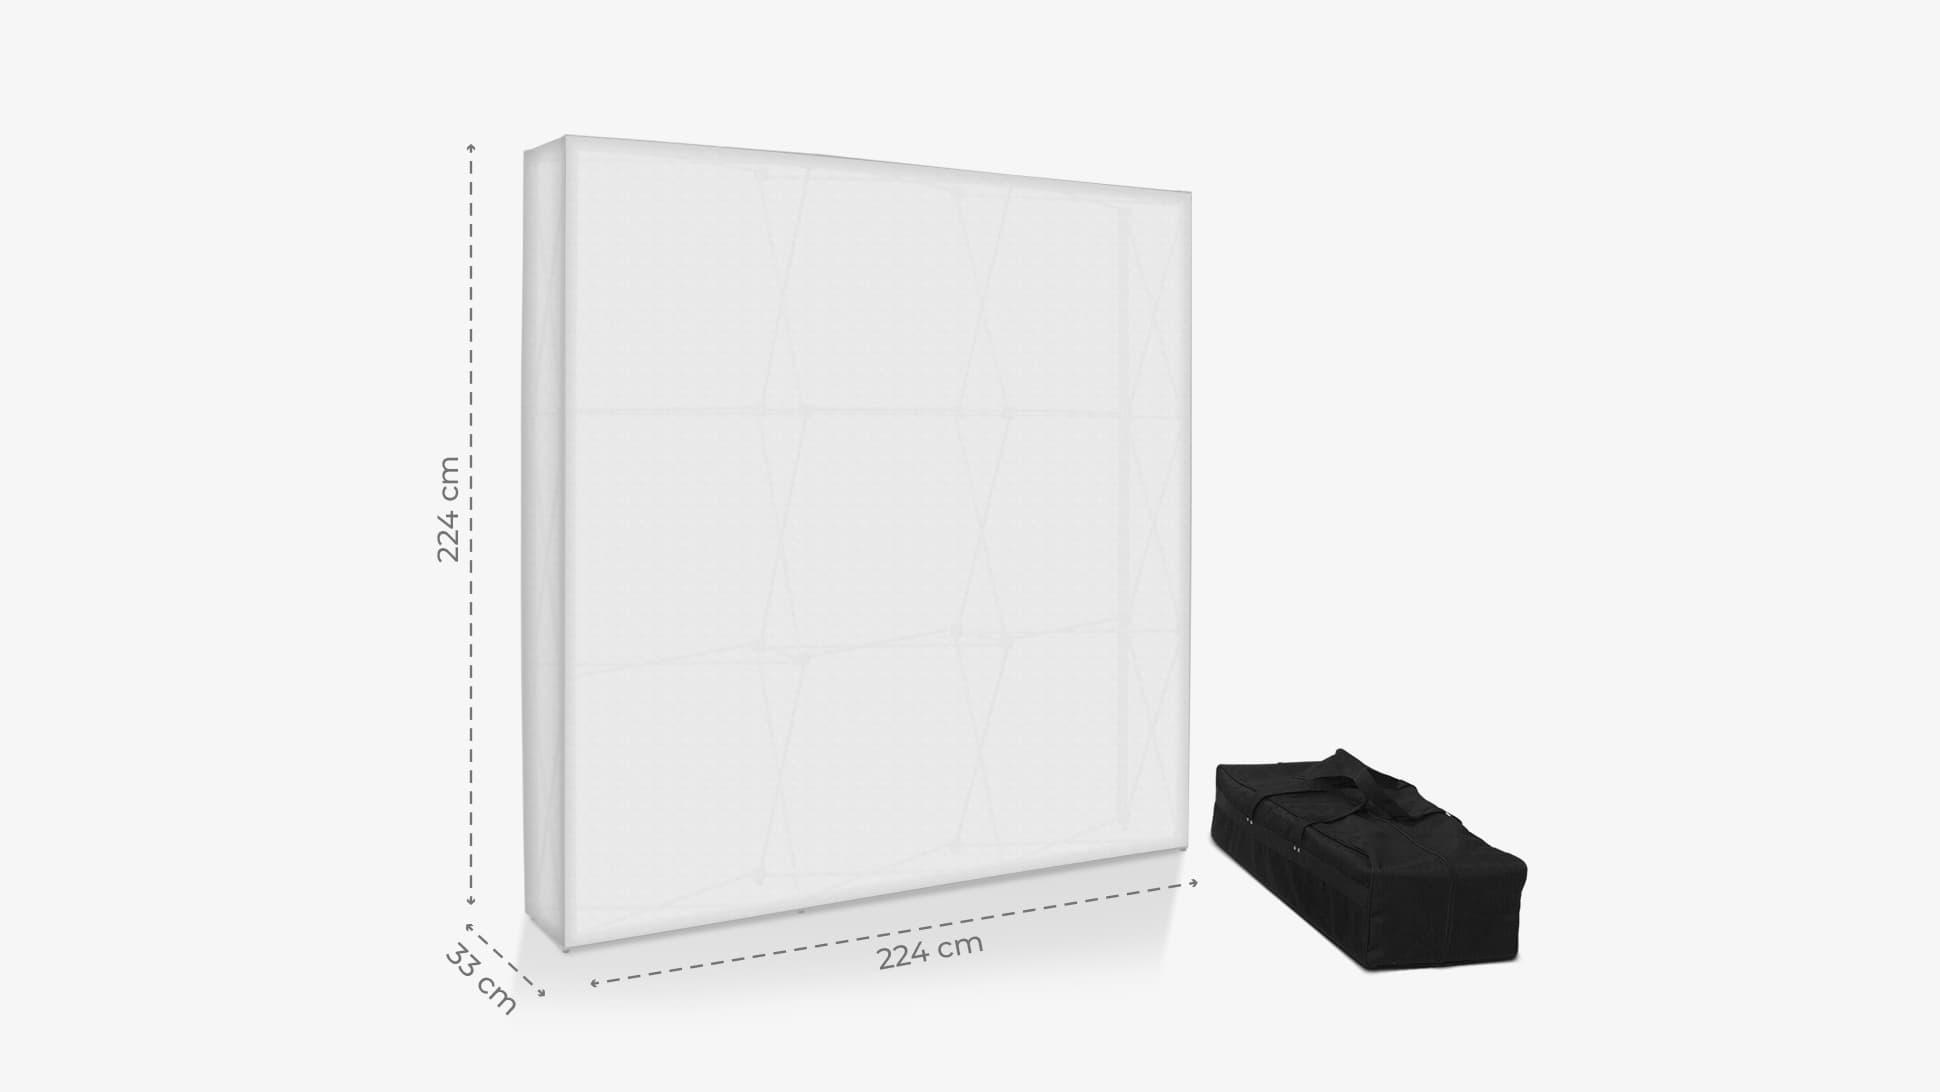 Parete espositiva quadrata con borsone | tictac.it